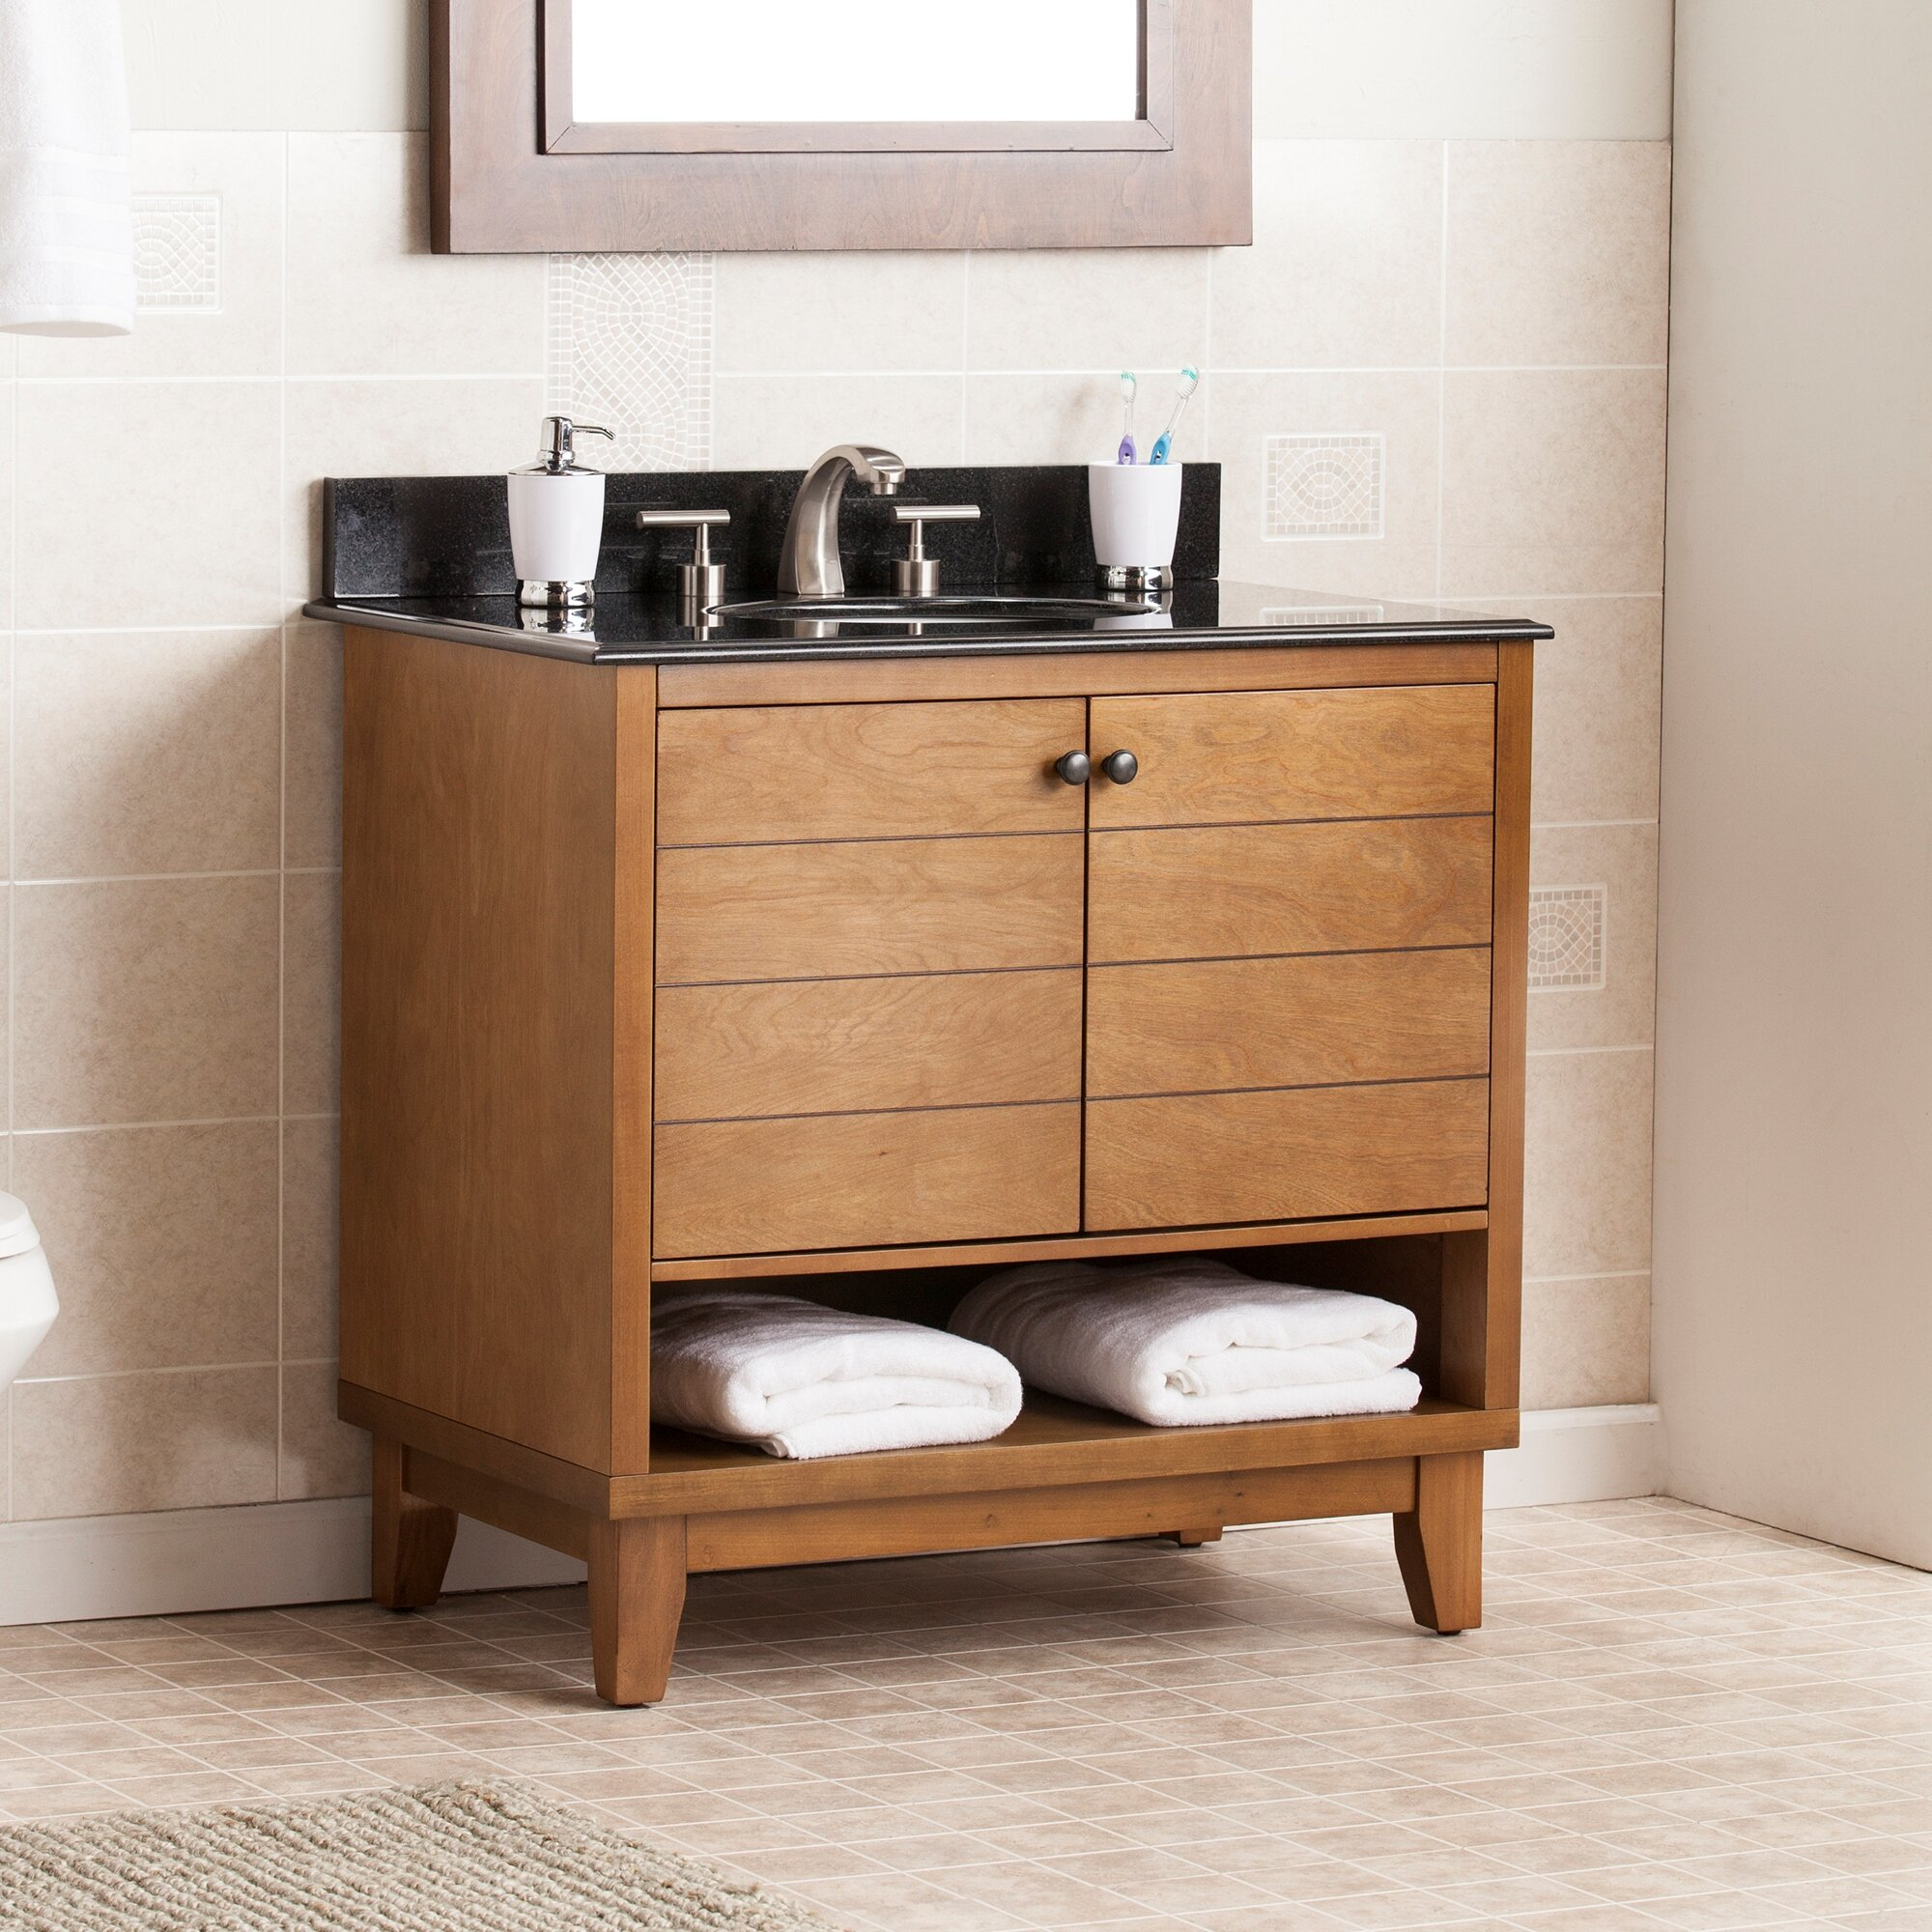 Wildon Home Reading 34 Single Bath Vanity Sink With Granite Top Reviews Wayfair